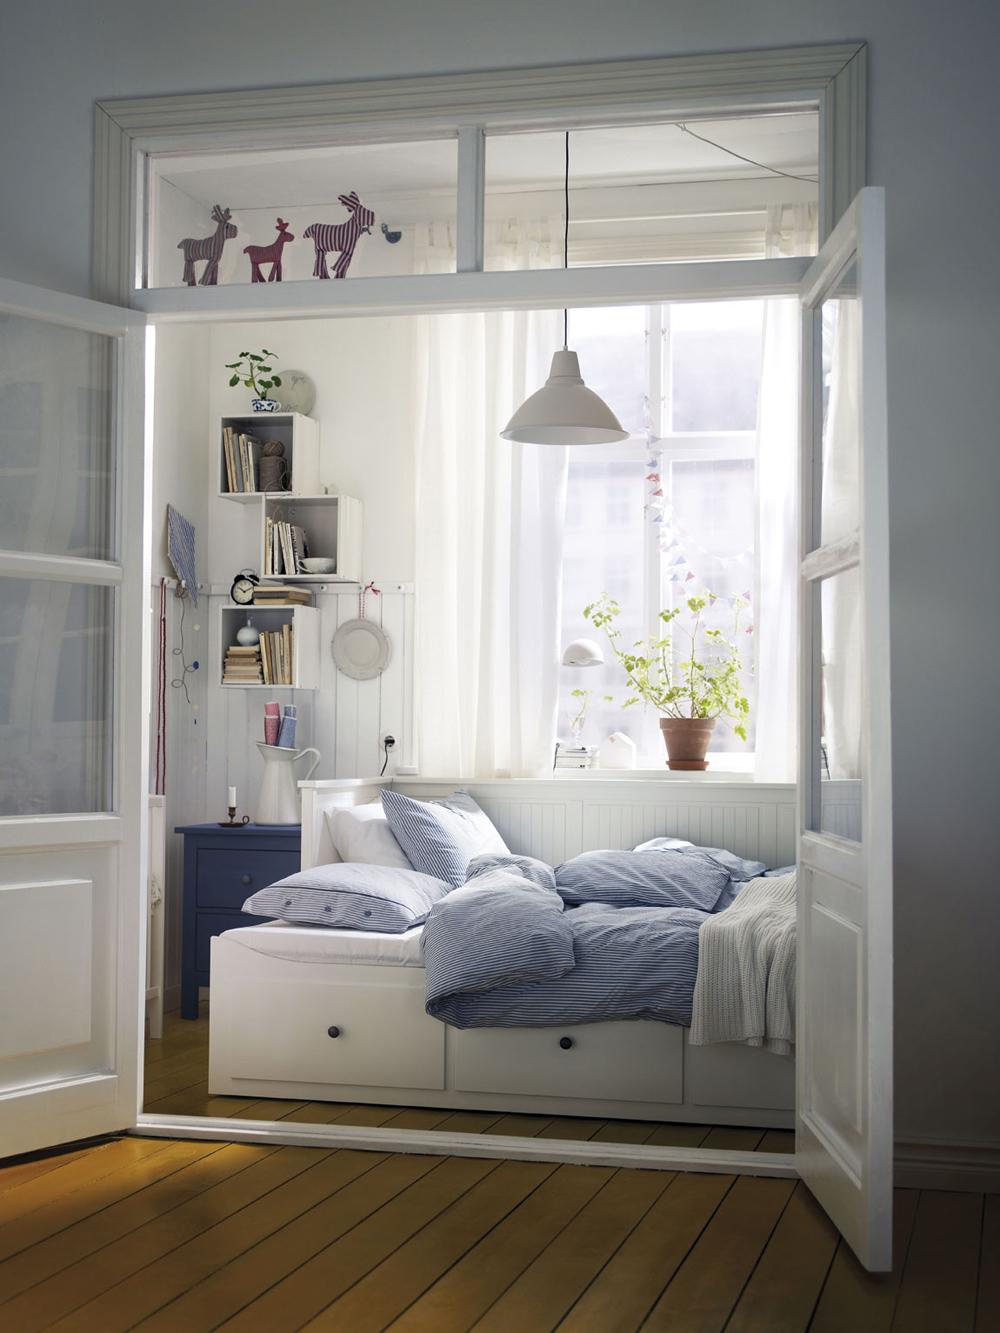 Ideas deco dormitorios de ikea tr s studio blog de - Papel pintado para armarios ...